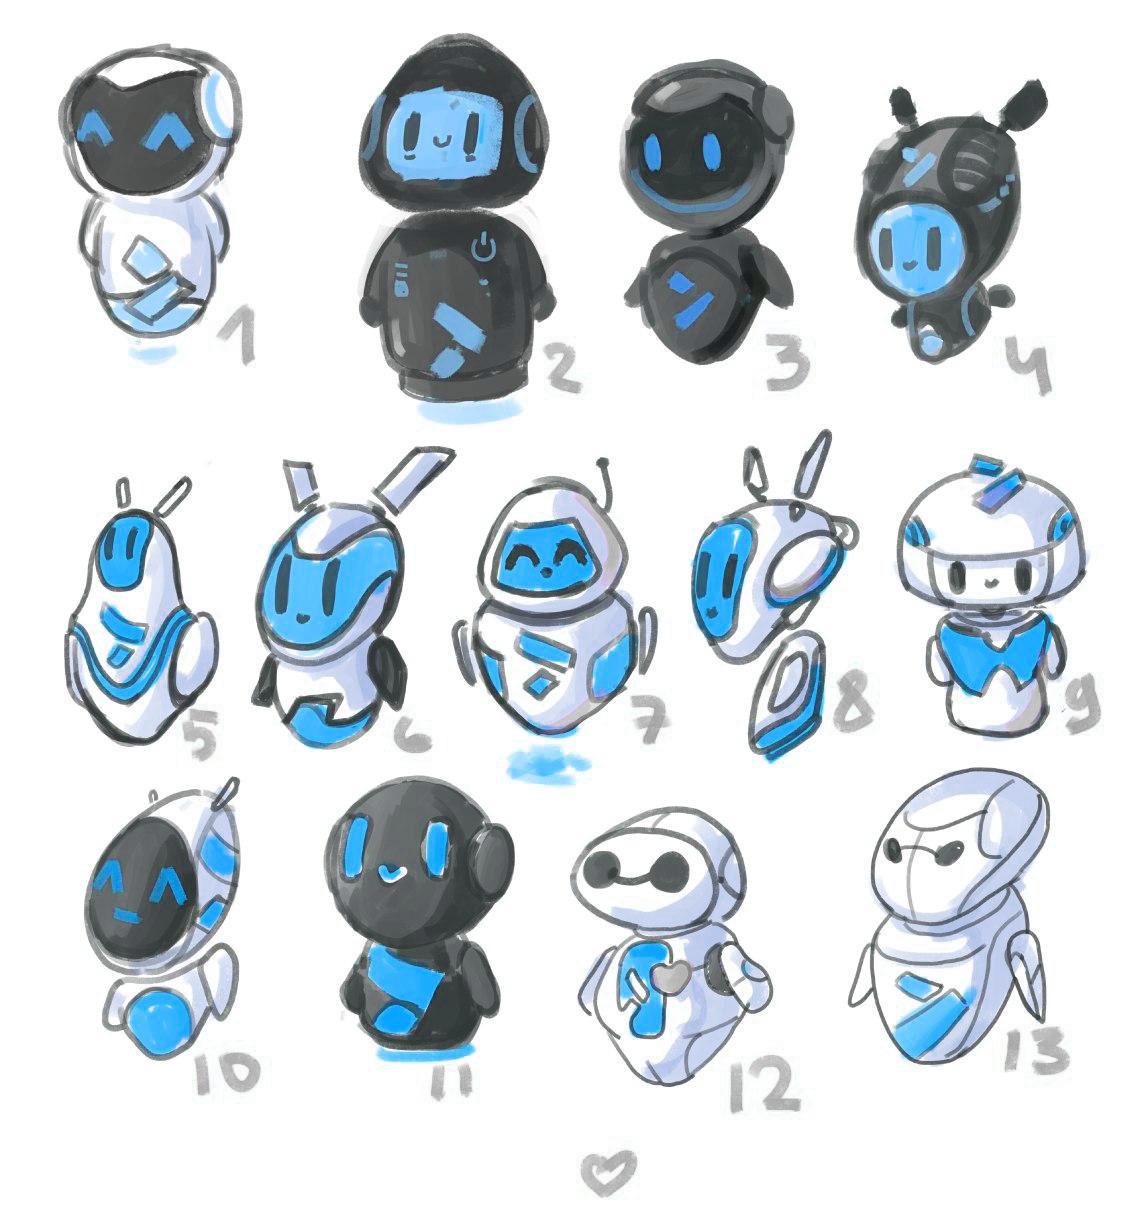 Маскот банку, ескізи. Дизайн робота, вибір форми. Робот для банку Альтбанк (Altbank), малювання варіантів робота.